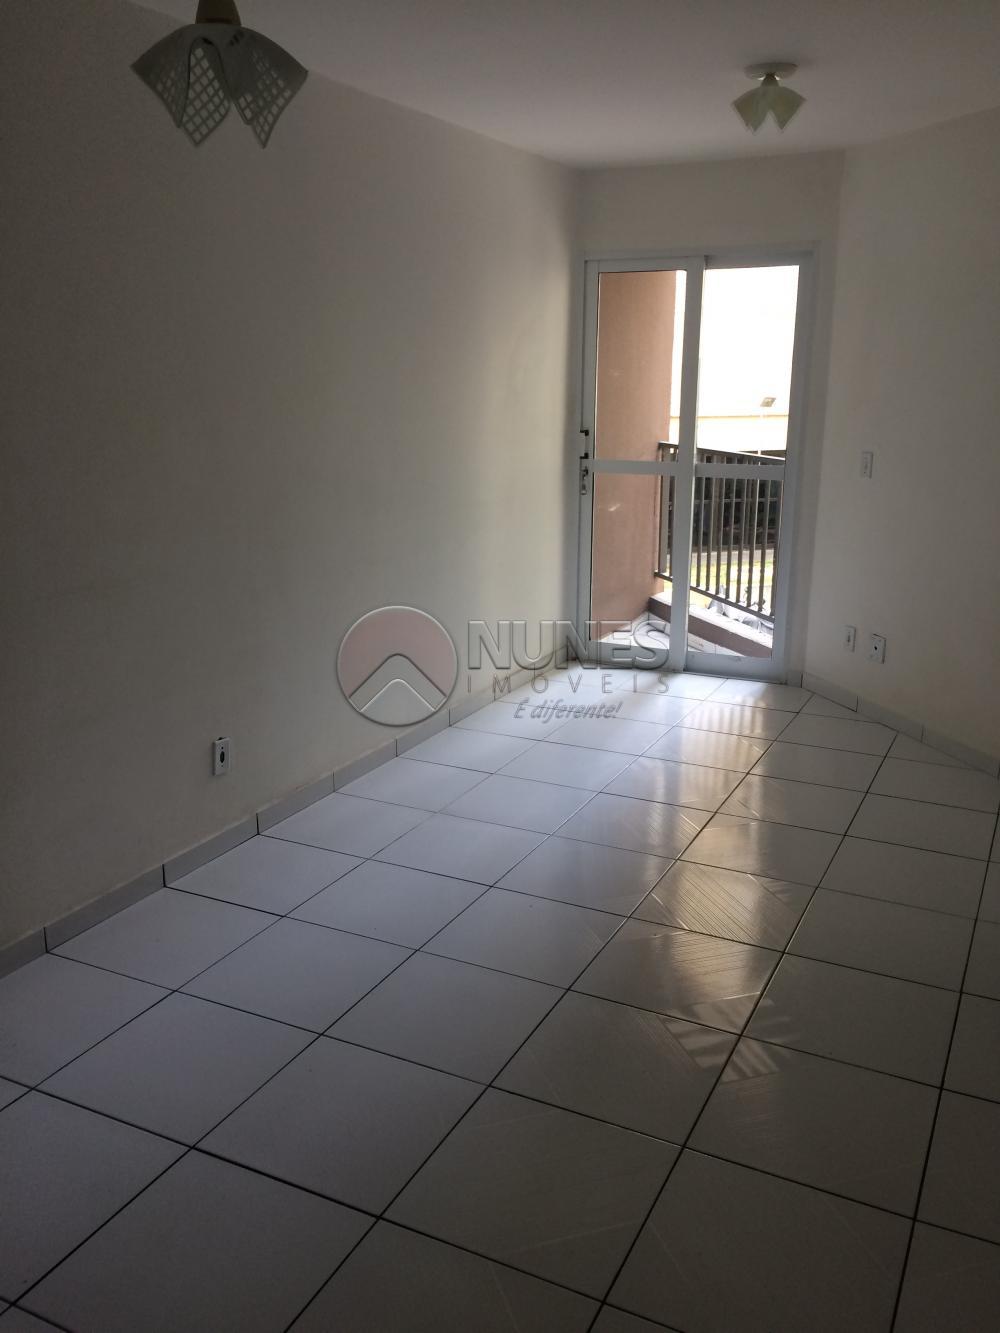 Comprar Apartamento / Padrão em Osasco apenas R$ 120.000,00 - Foto 4